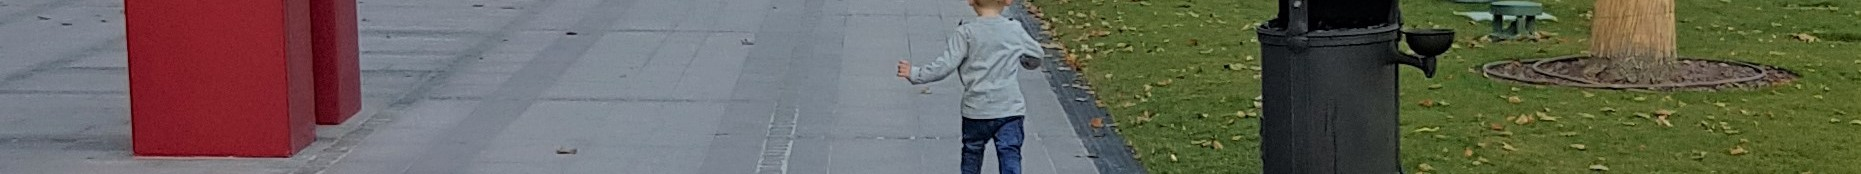 Czy ten mężczyzna jest ojcem tego dziecka?-main-img